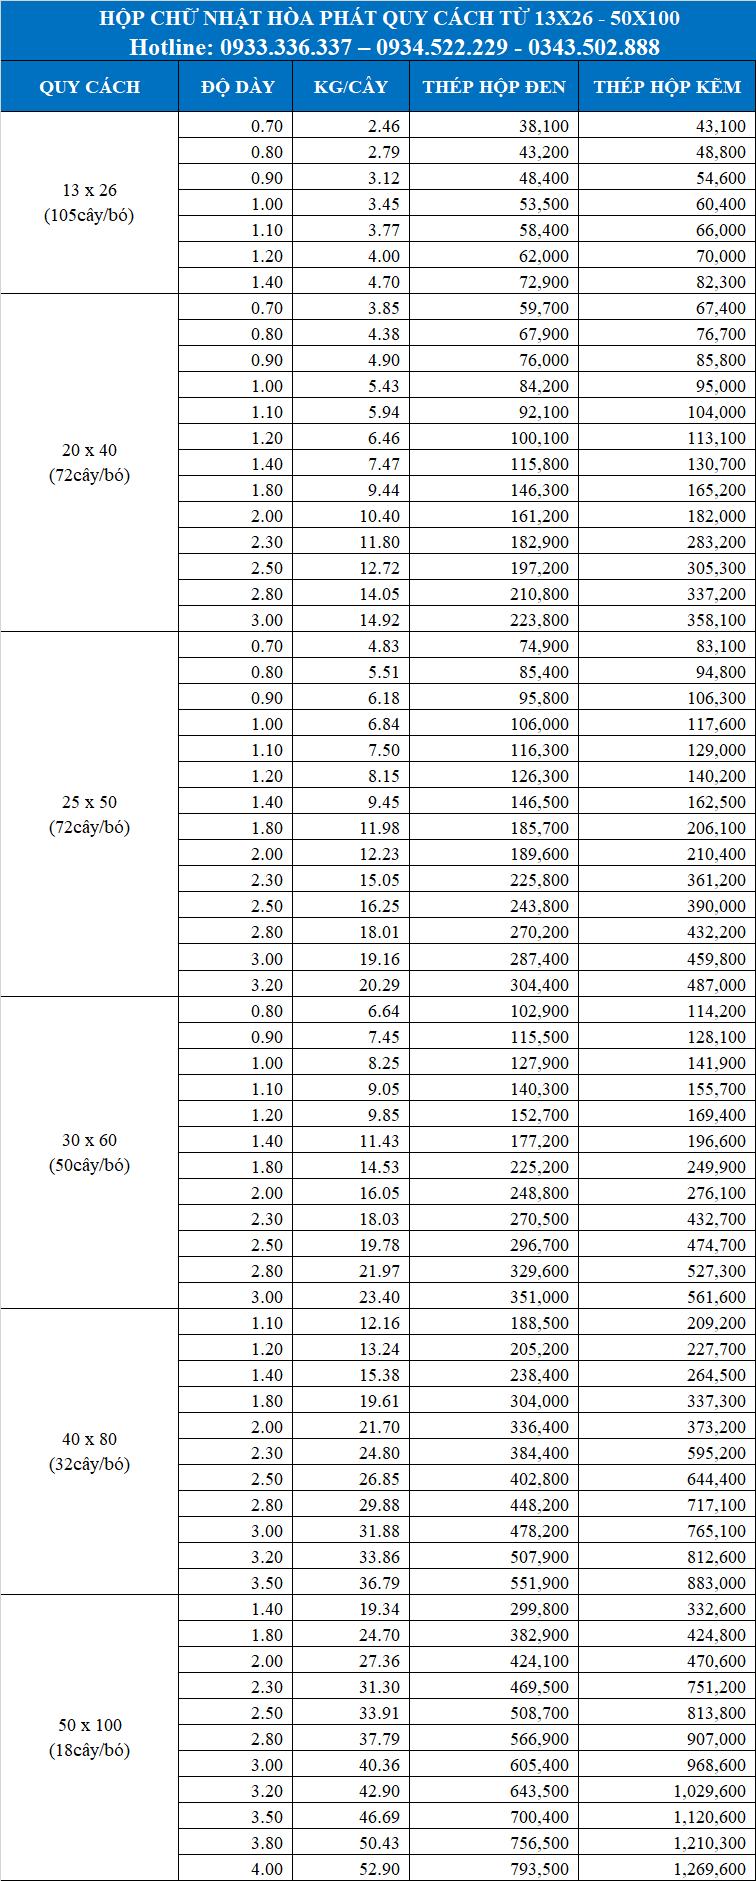 Bảng giá thép hộp chữ nhật Hòa Phát 13x26 - 50x100